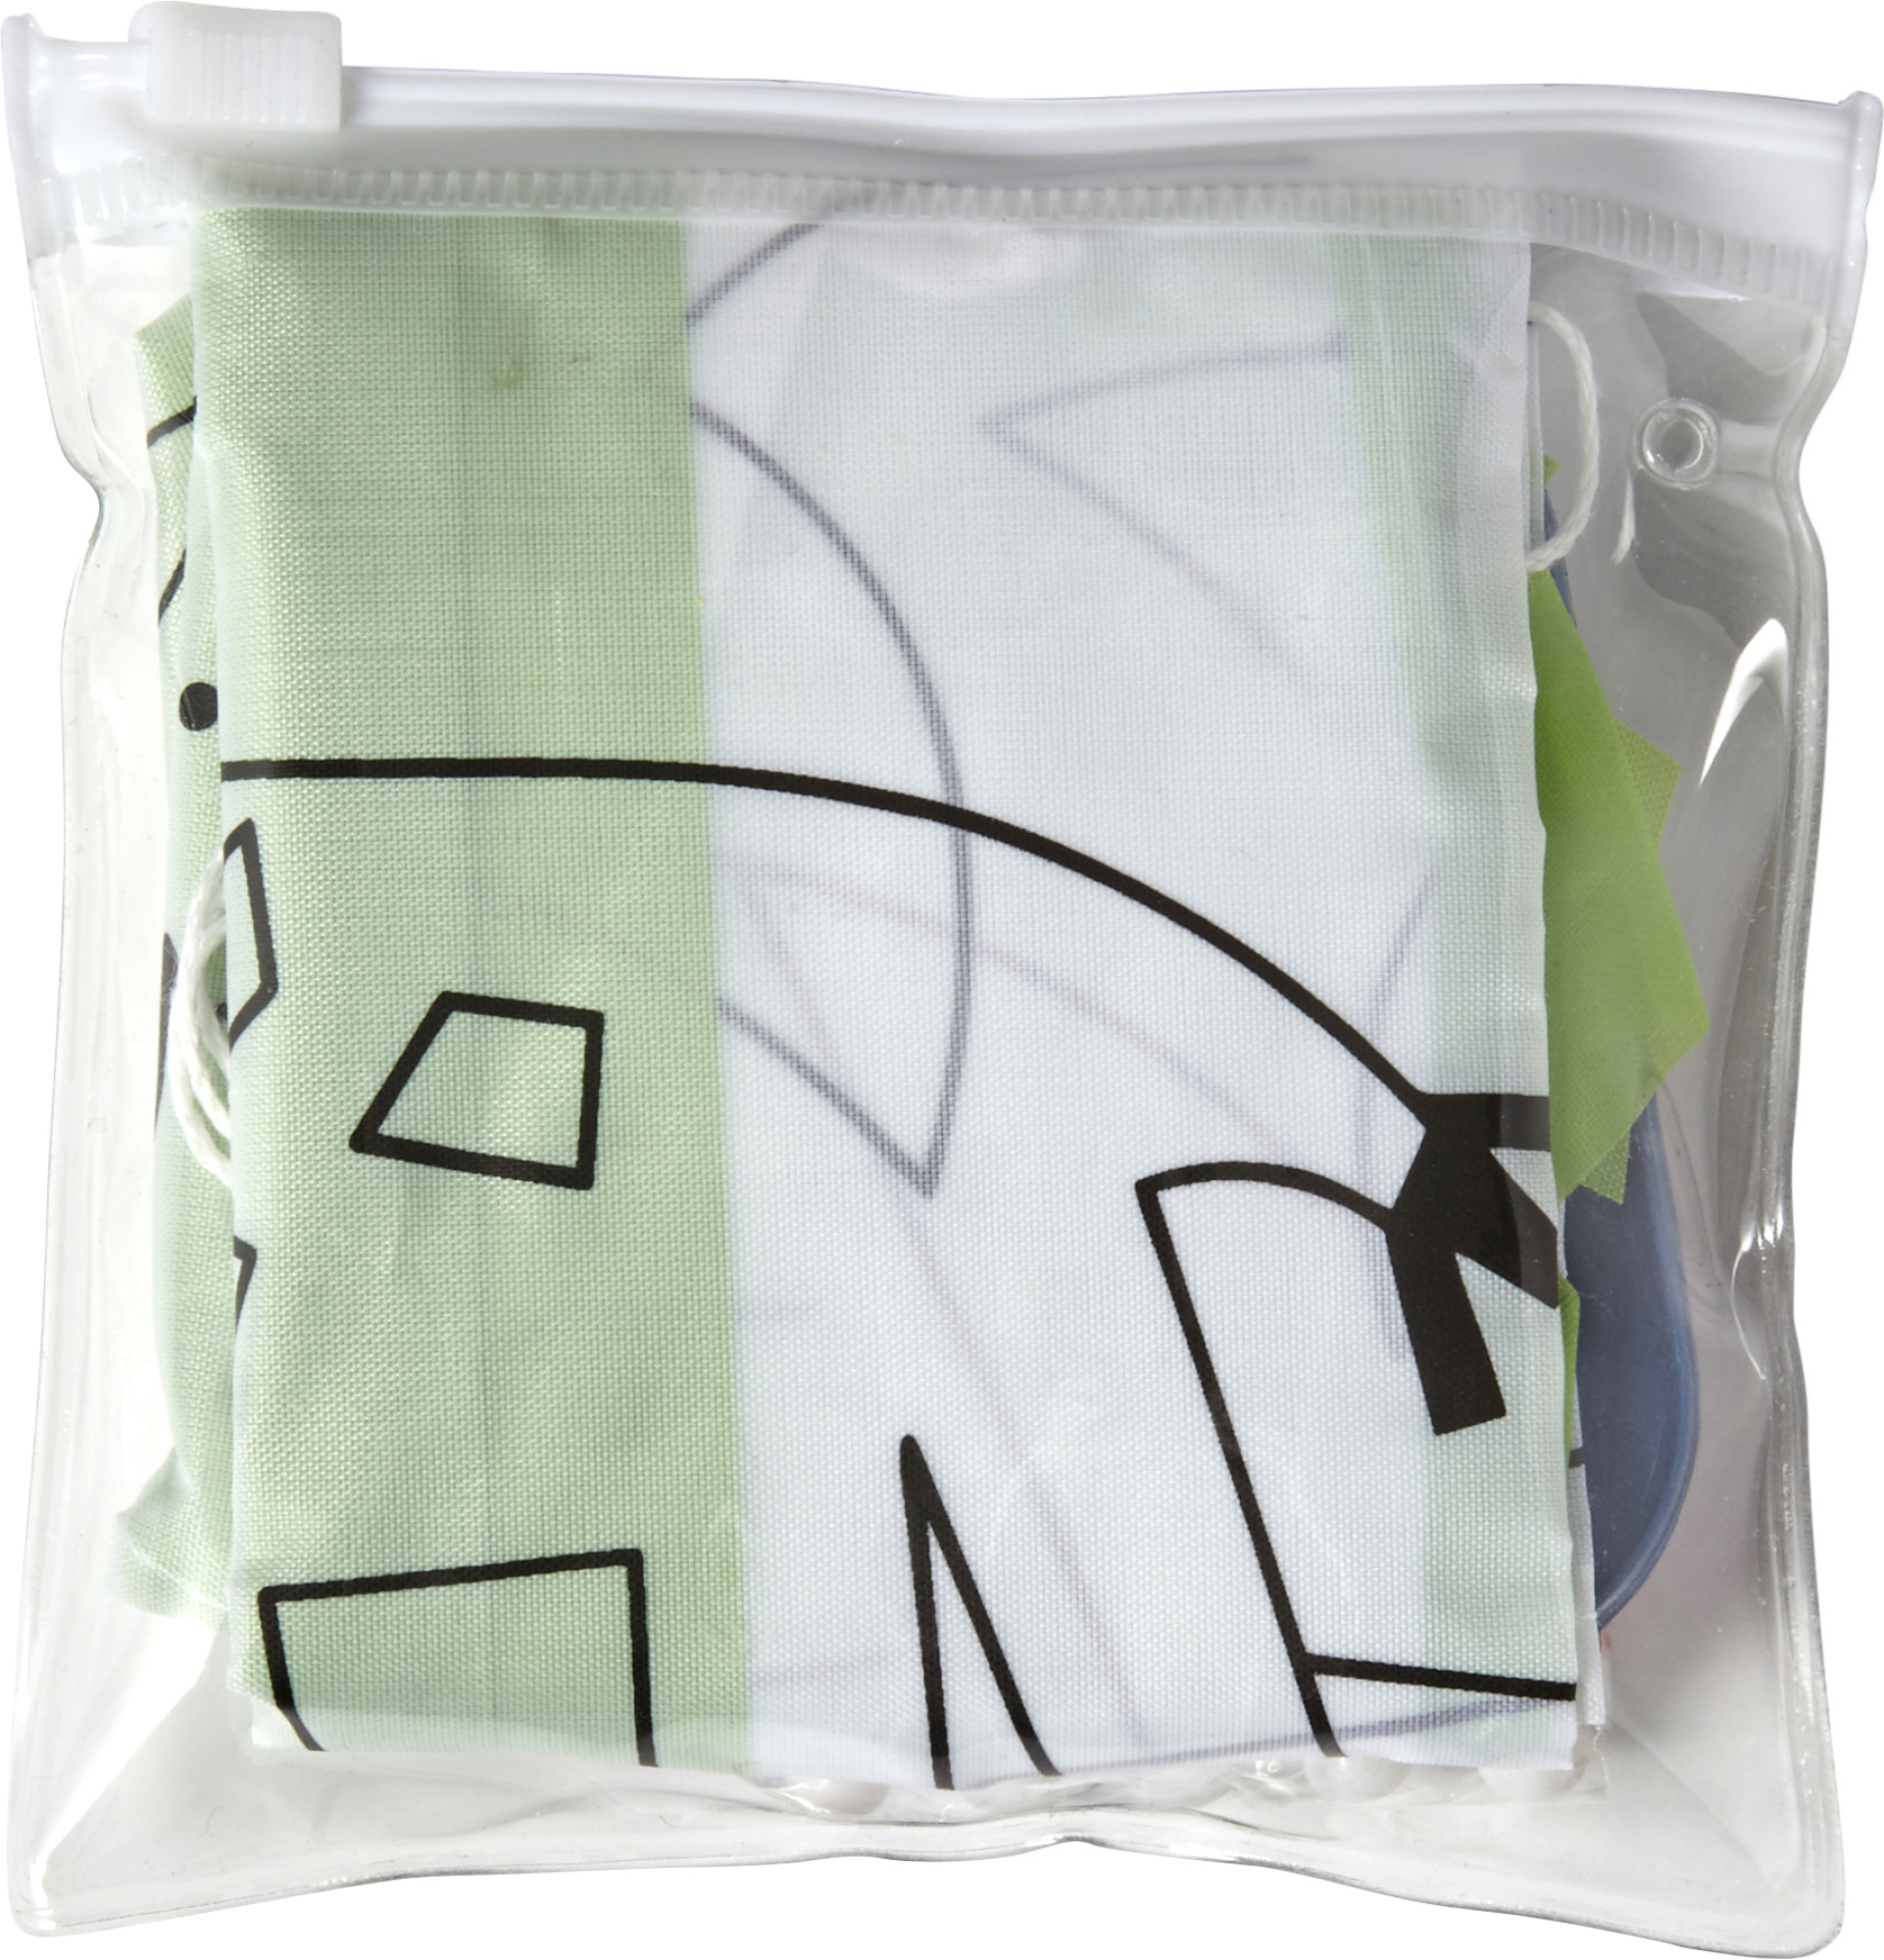 Cerf-volant en polyester à colorier - 19-1256-7